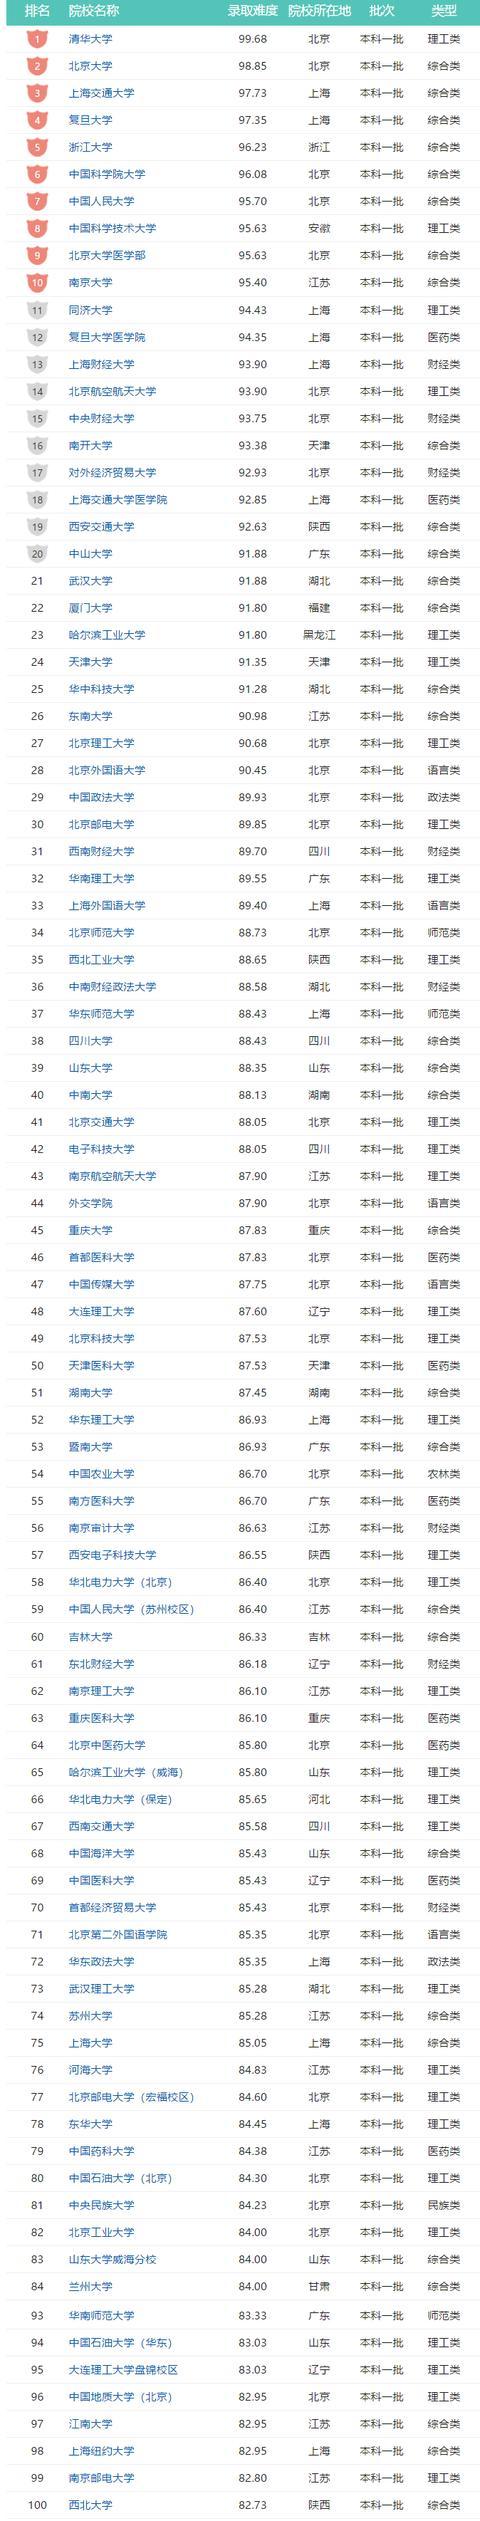 来看看2018年中国那些录取难度最高的100所大学排名